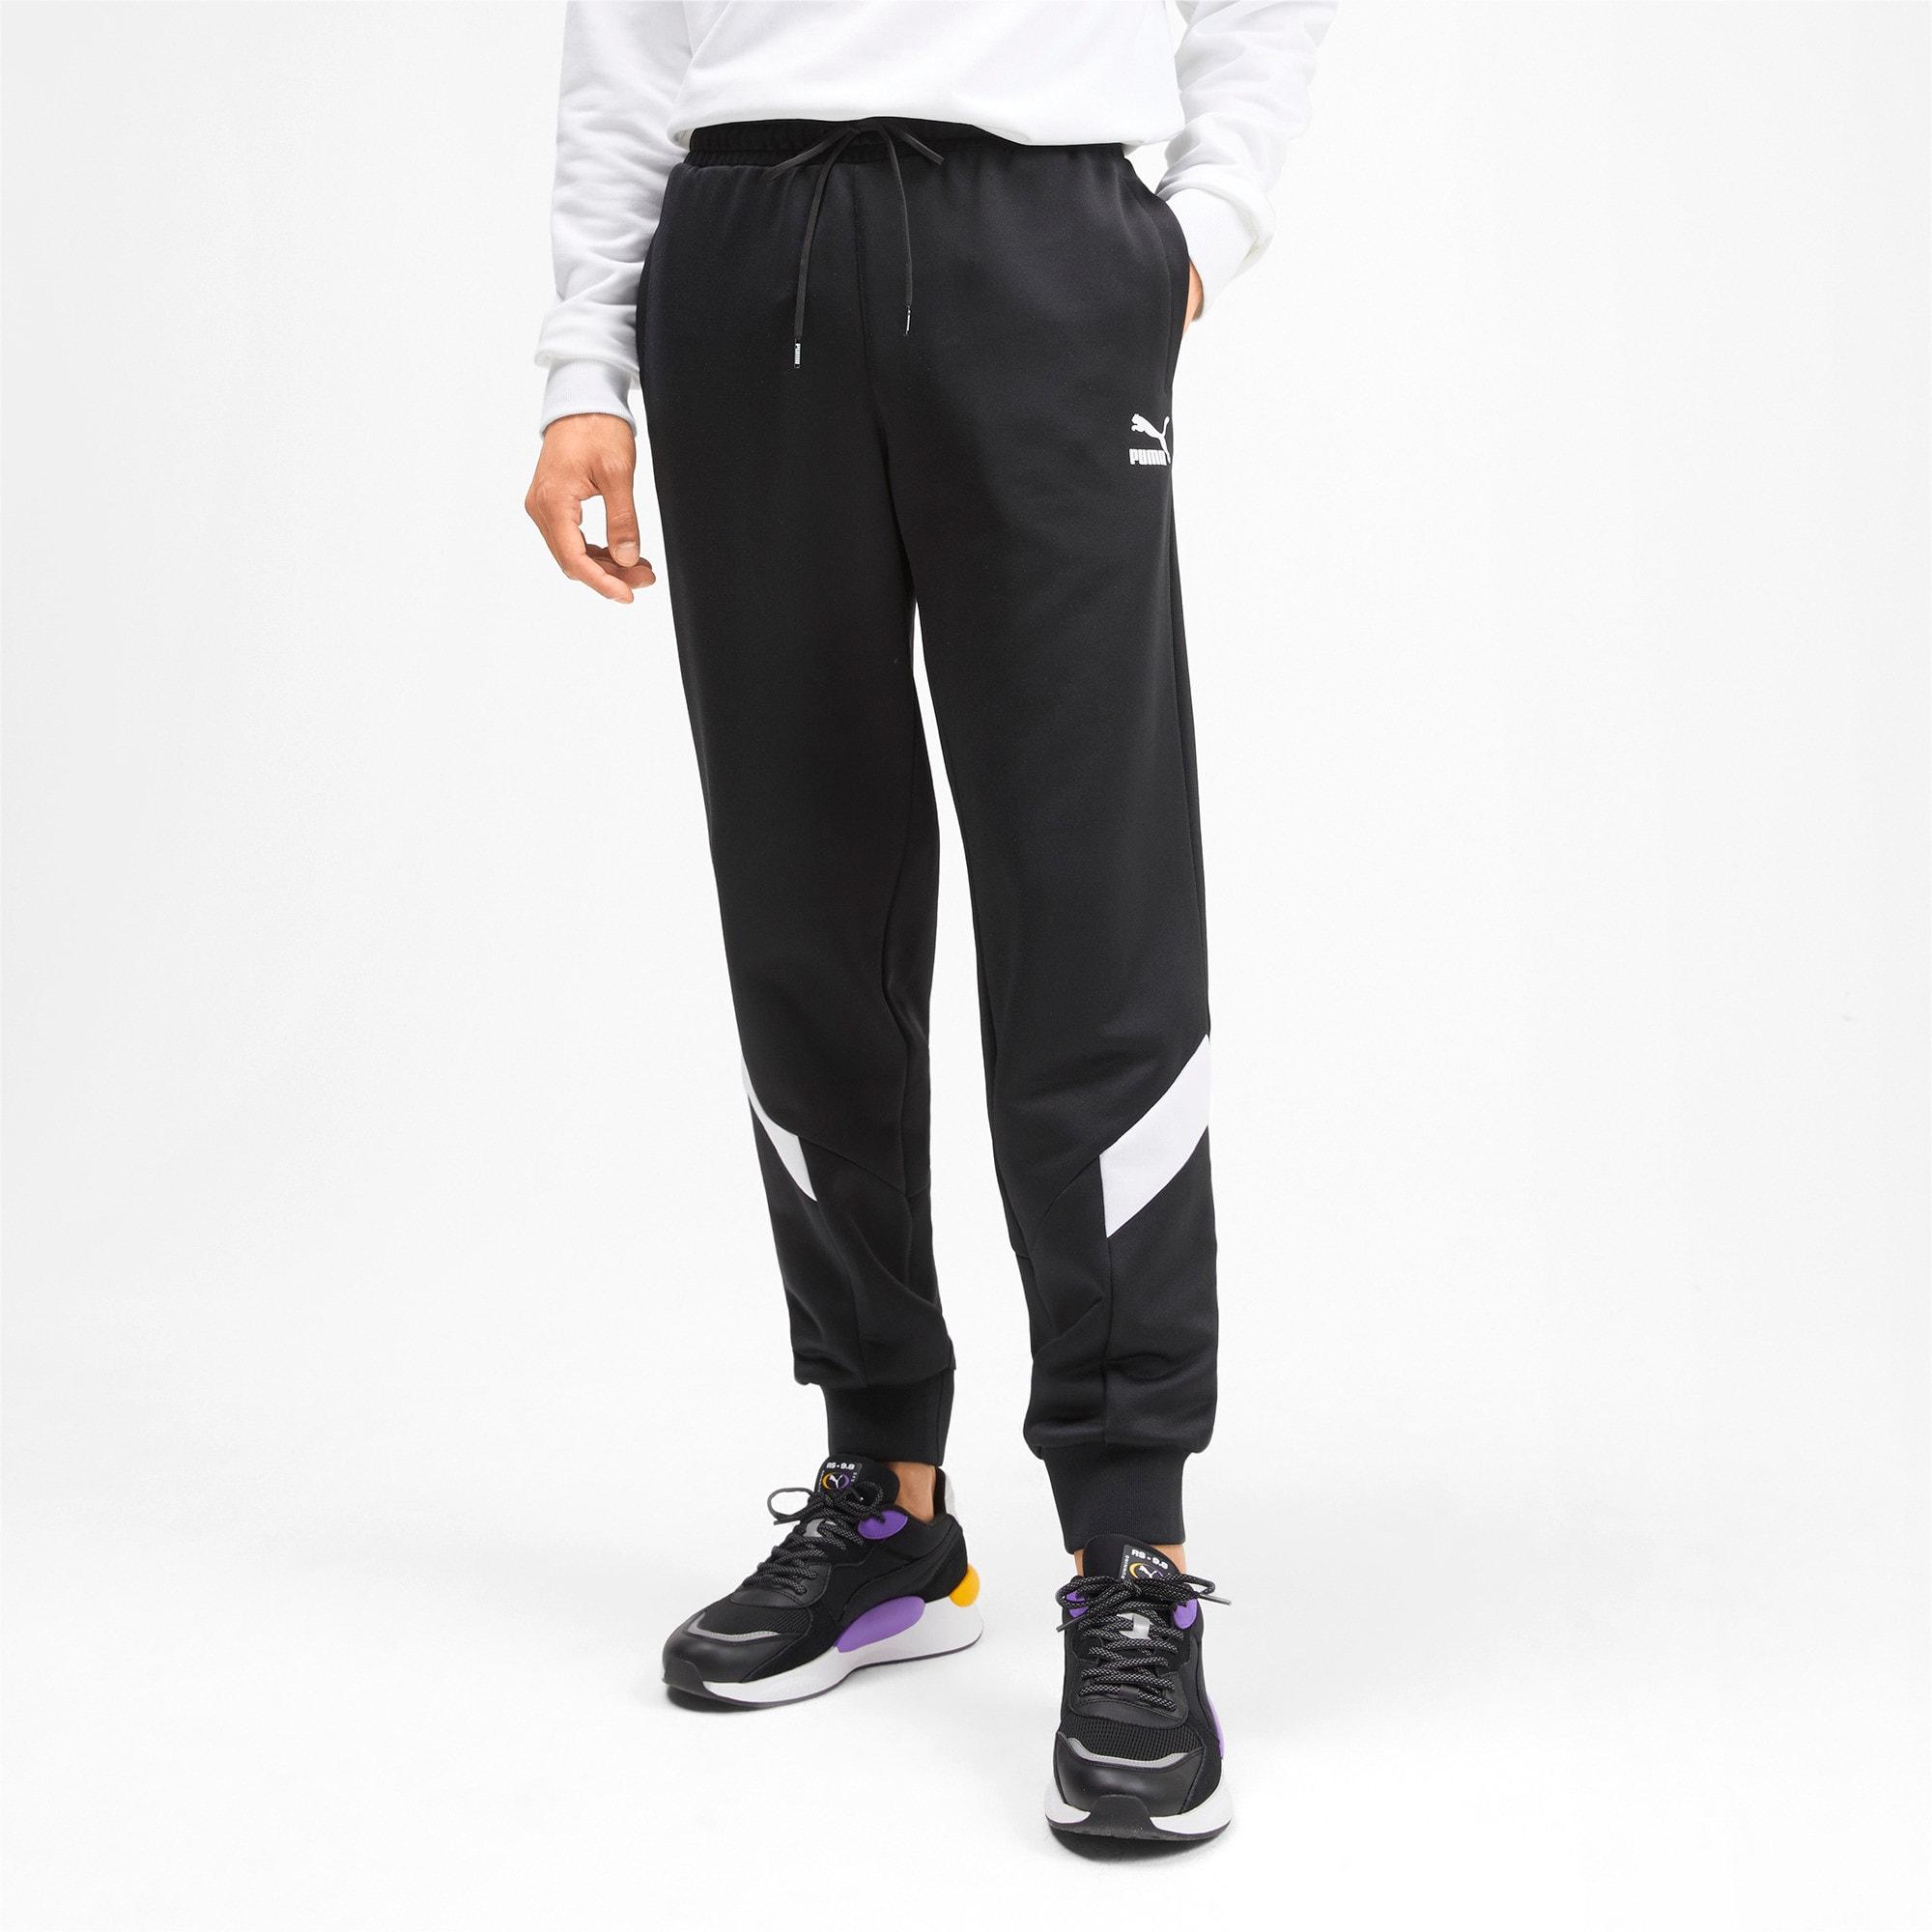 Thumbnail 1 of Iconic MCS Men's Track Pants, Puma Black, medium